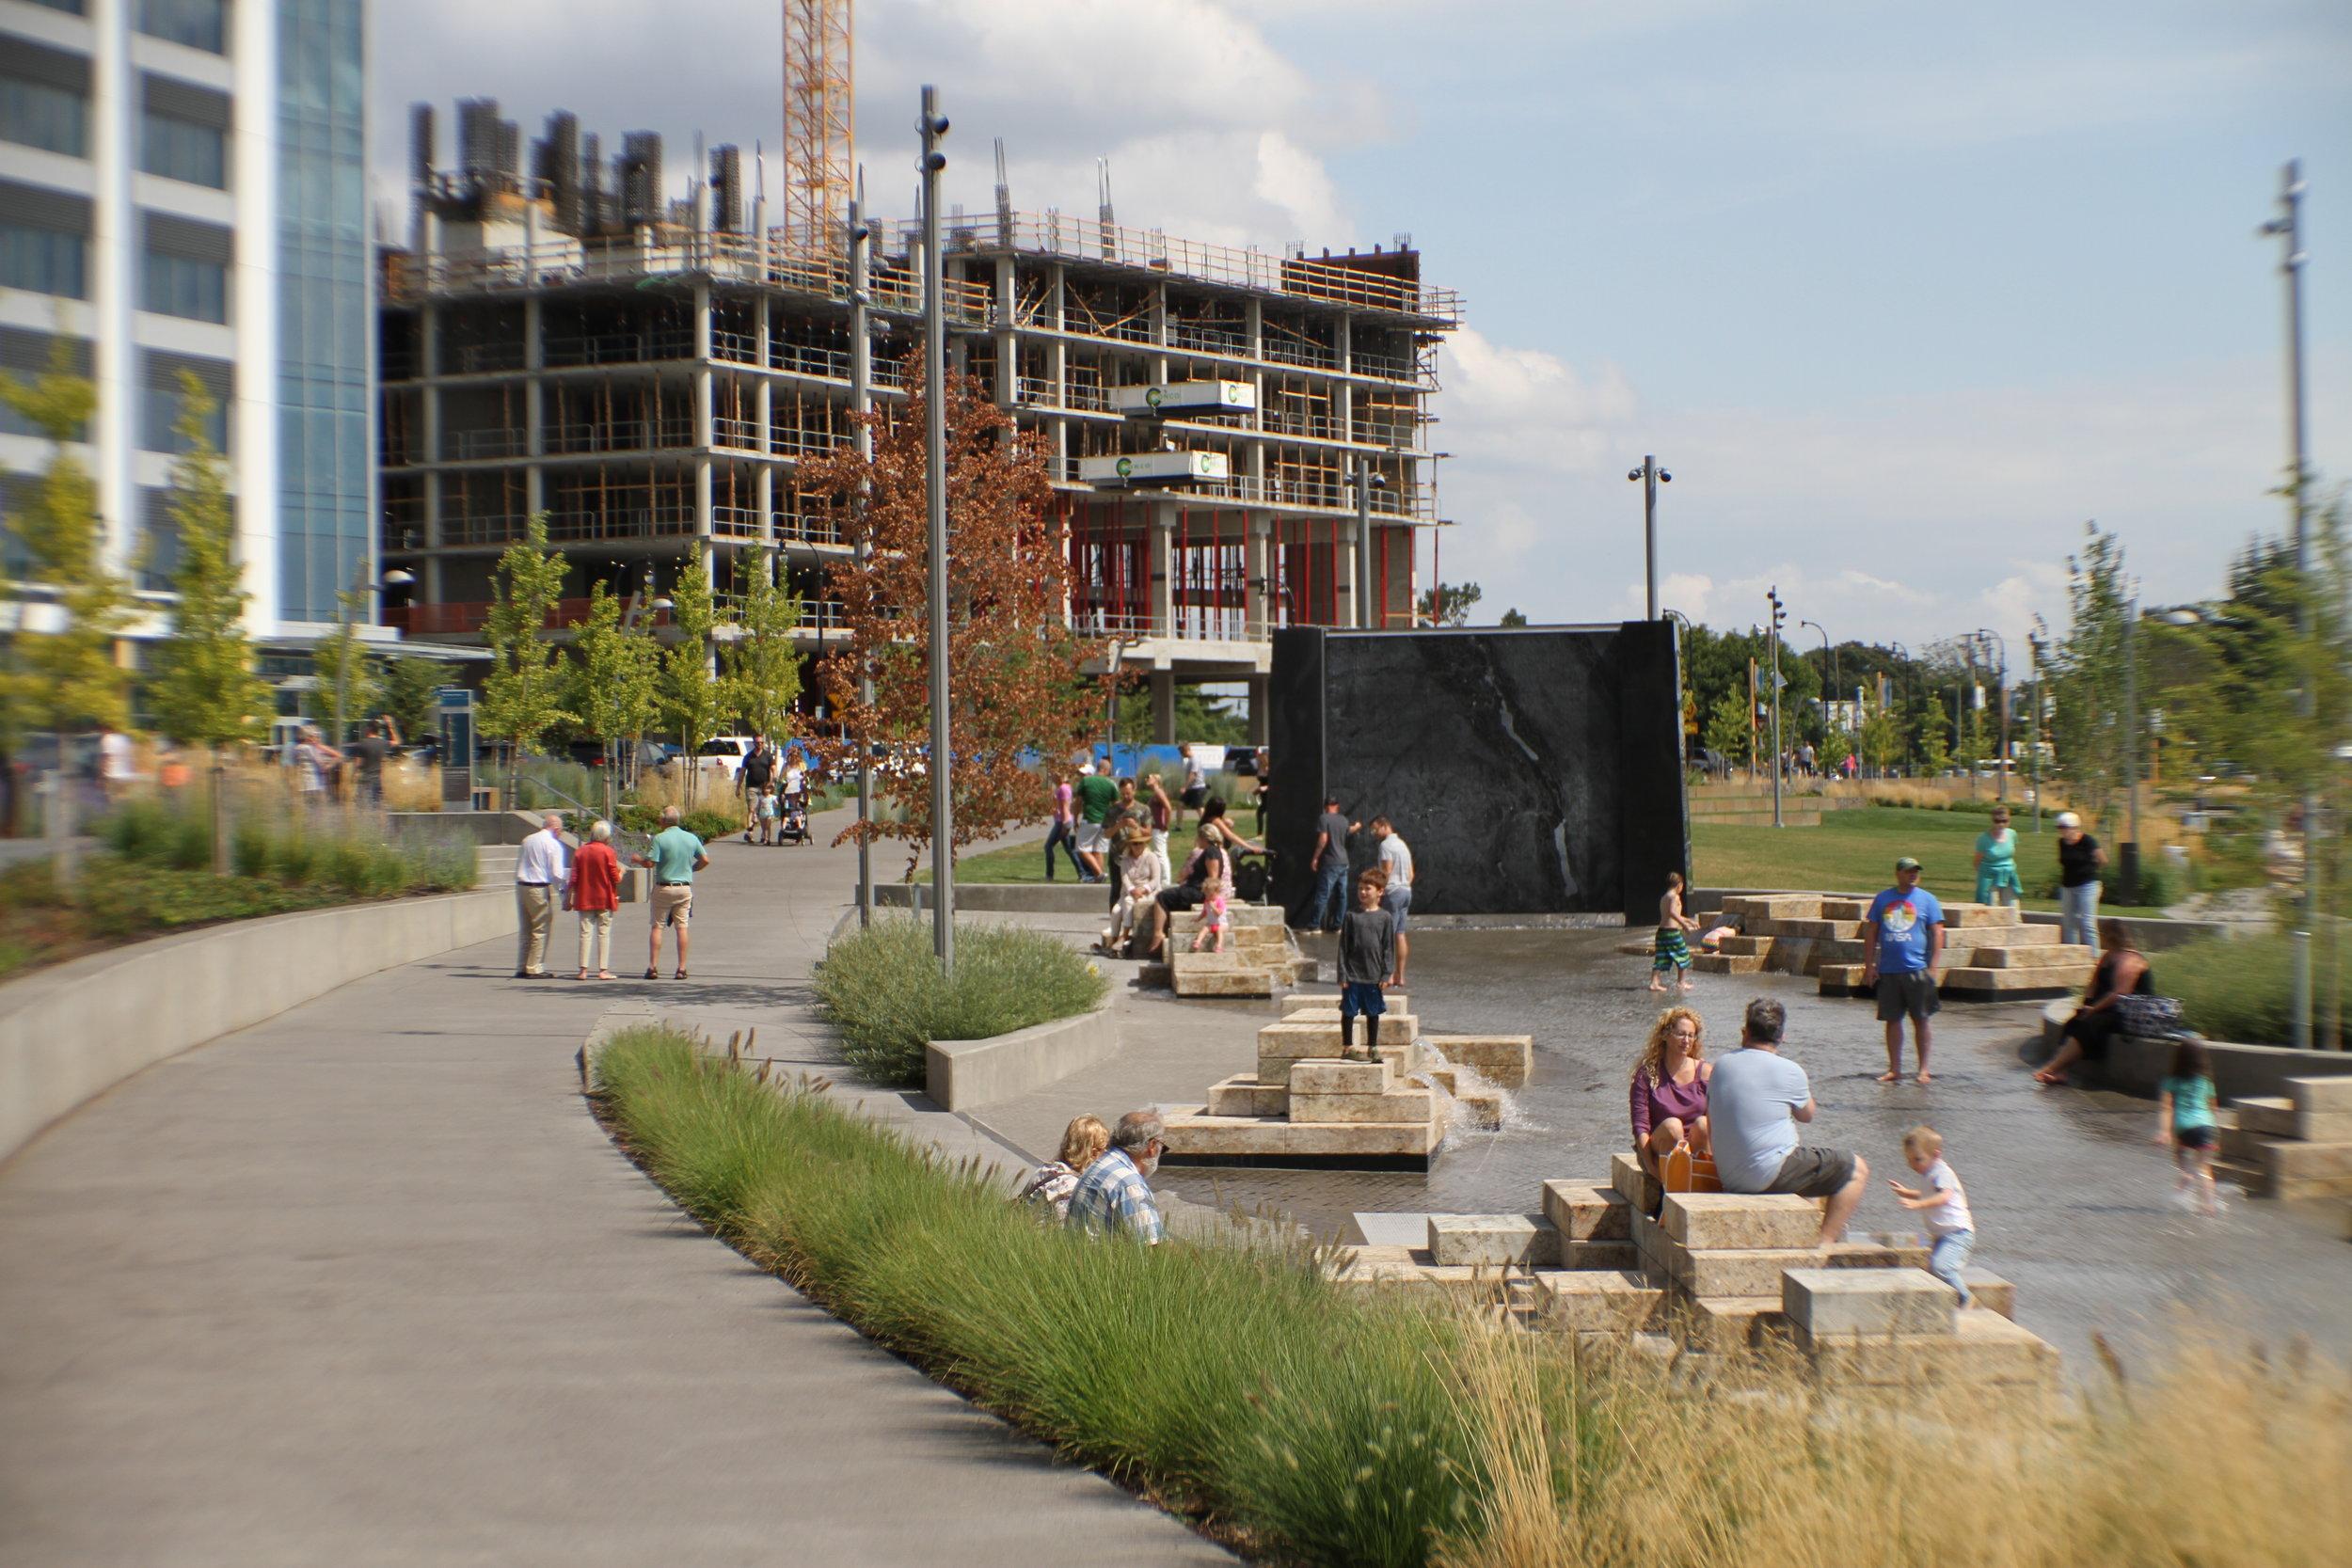 vancouver_waterfront park fountain_larry kirkland_public art services_j grant projects_25.JPG